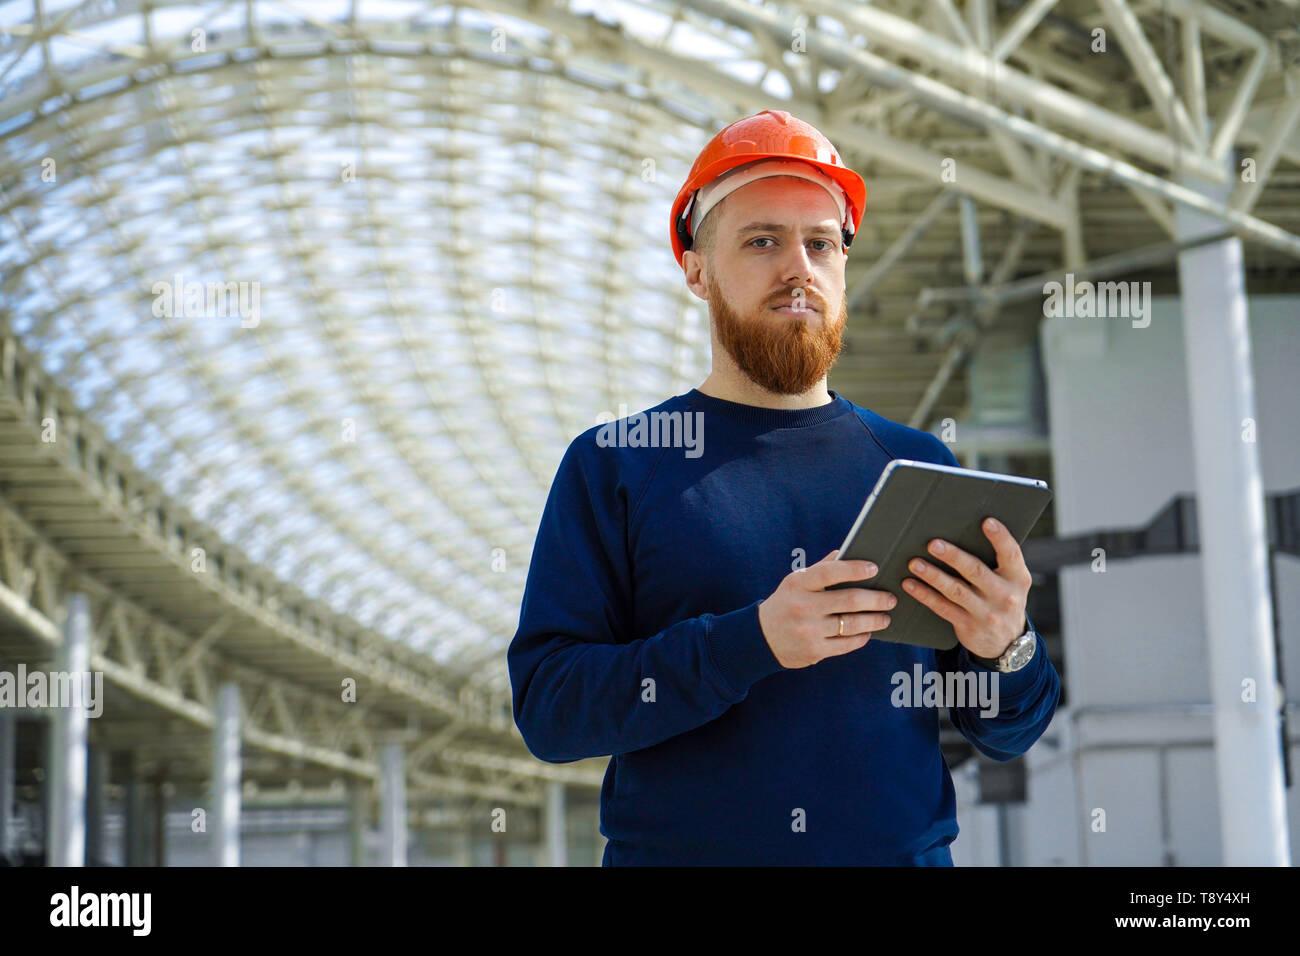 Il media plan è un ritratto di un uomo adulto in un casco di controllo o di controllo con la pianificazione, tenendo un tablet PC, orizzontale, spazio per la firma Immagini Stock